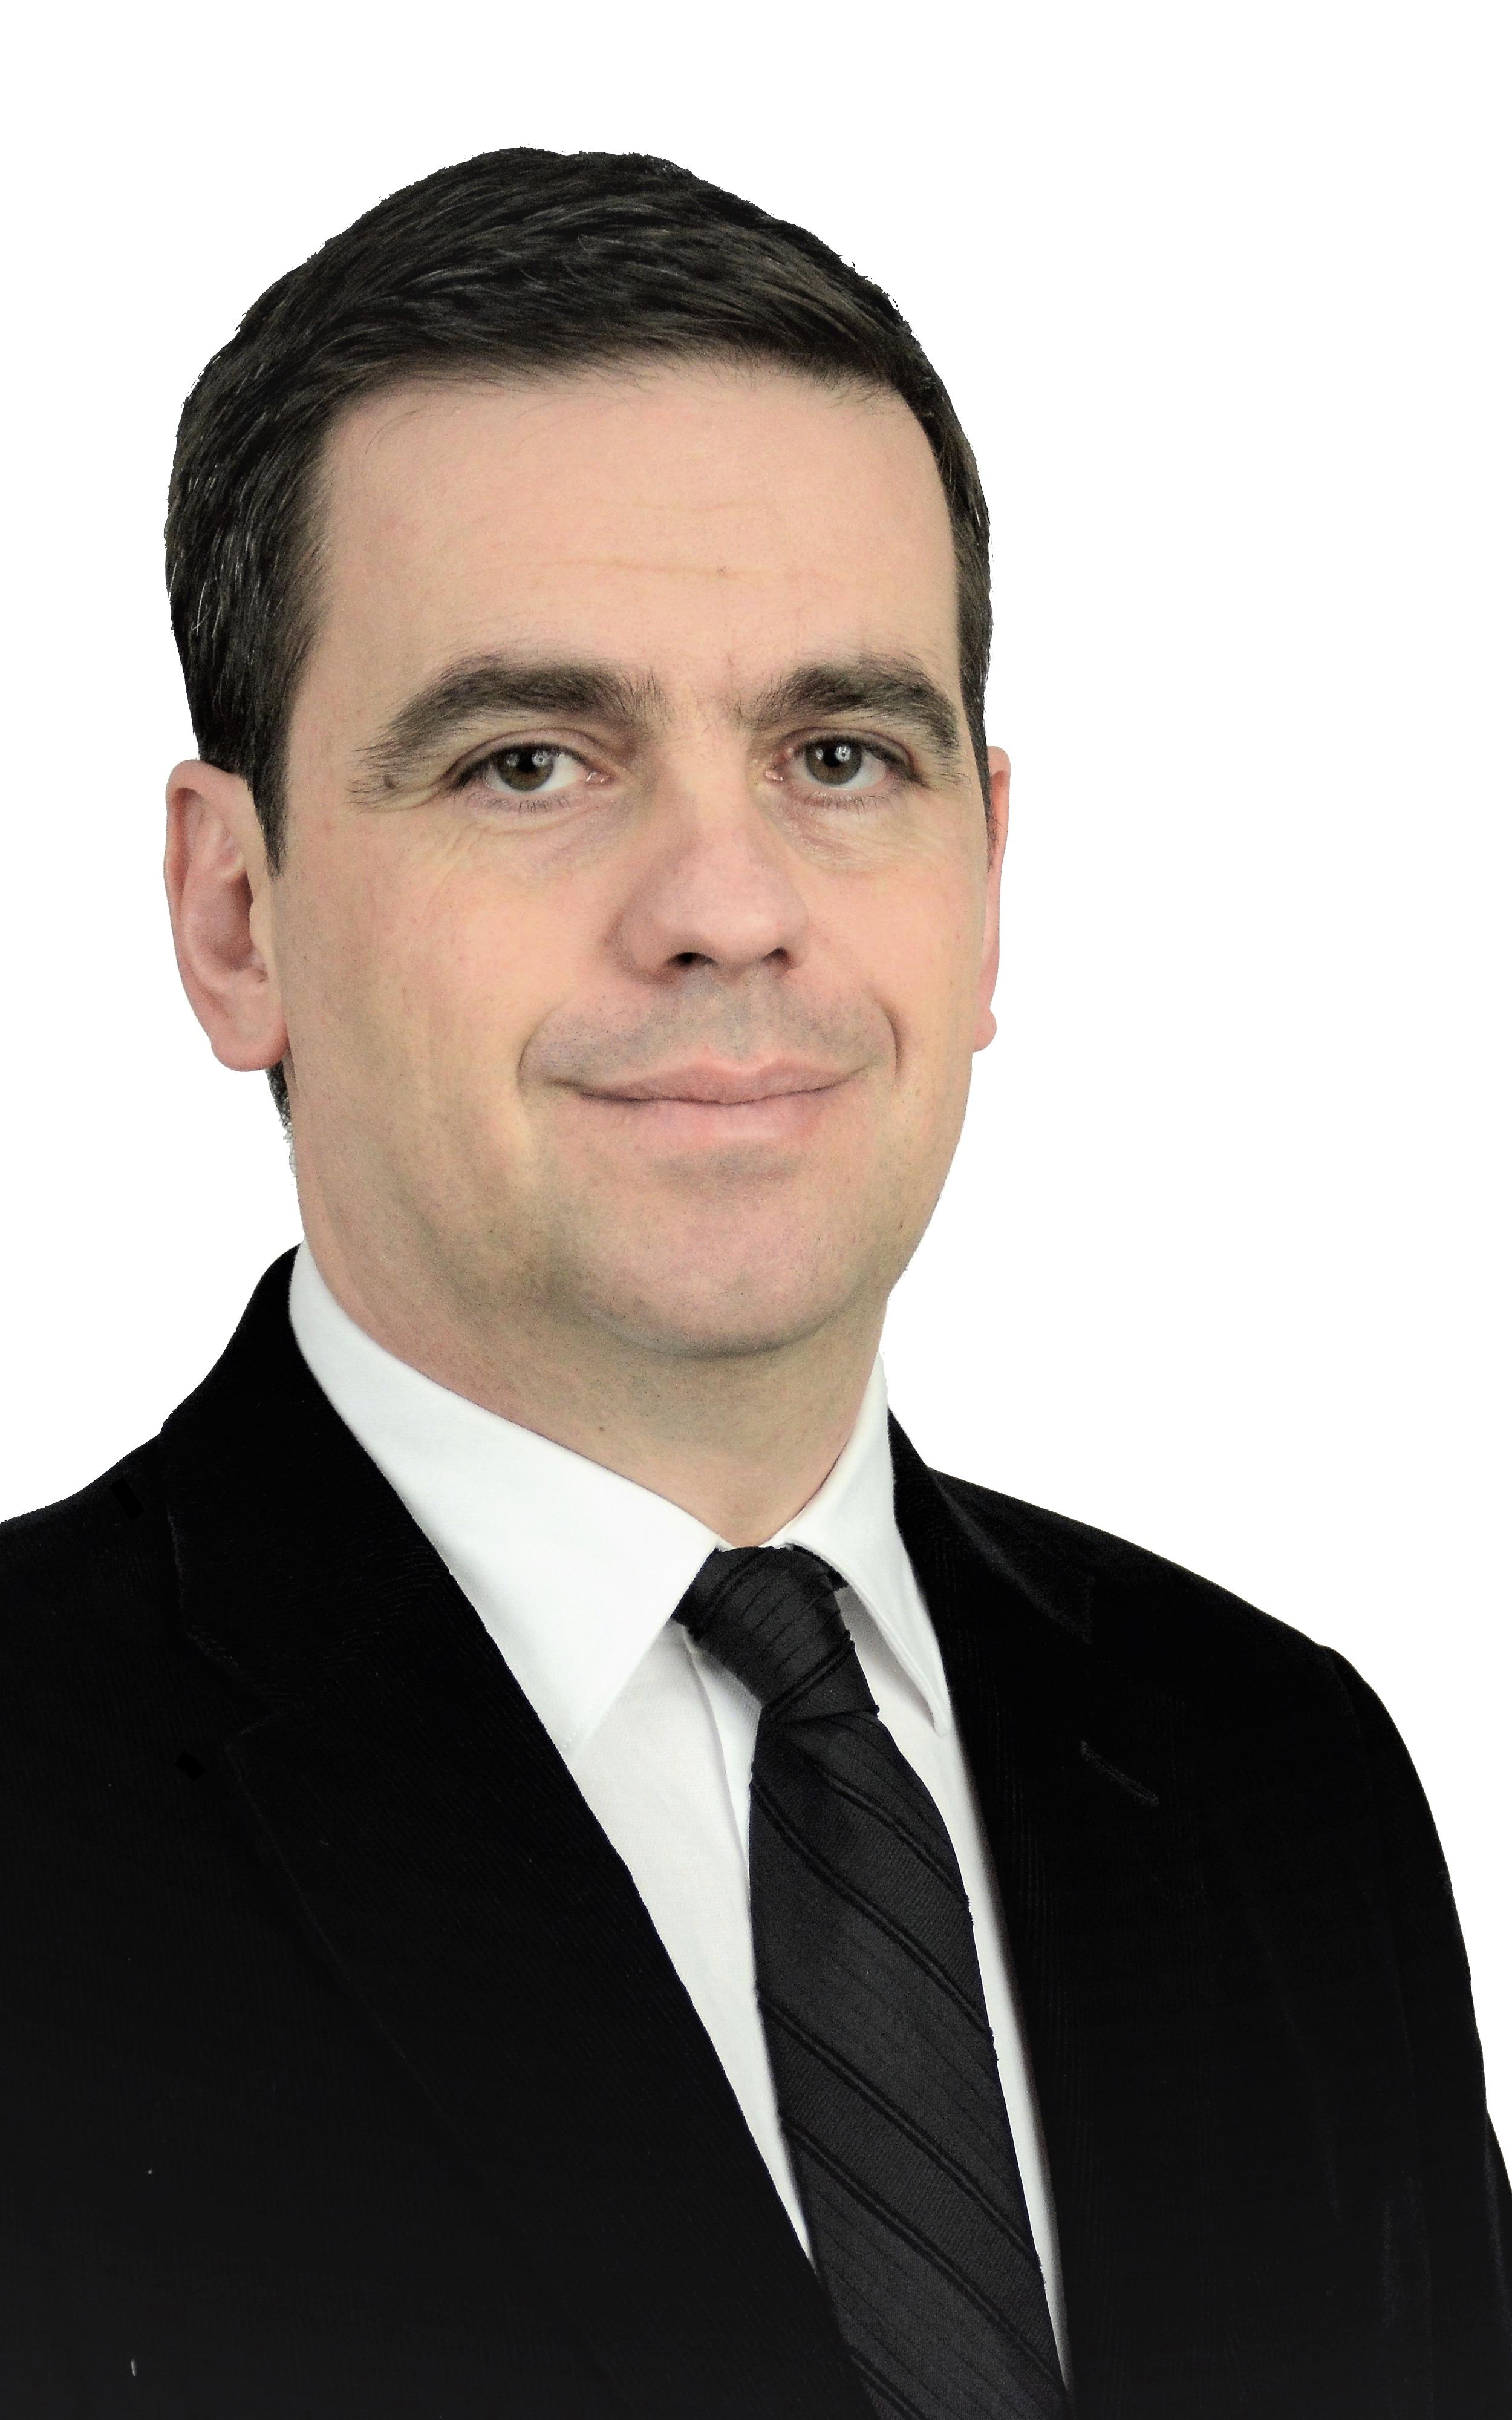 Ervin Meco